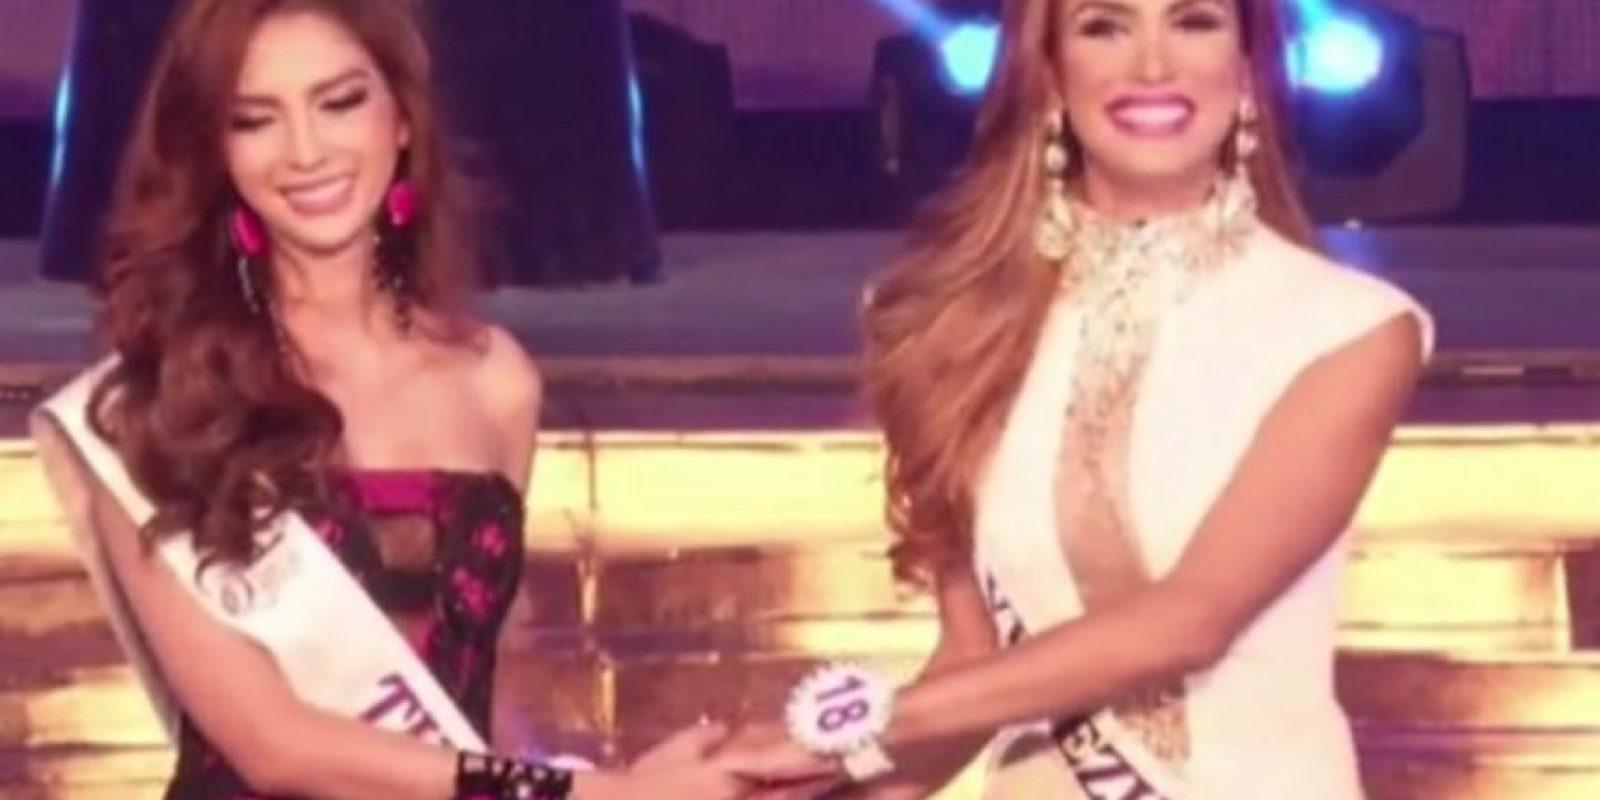 2. Isabella Santiago